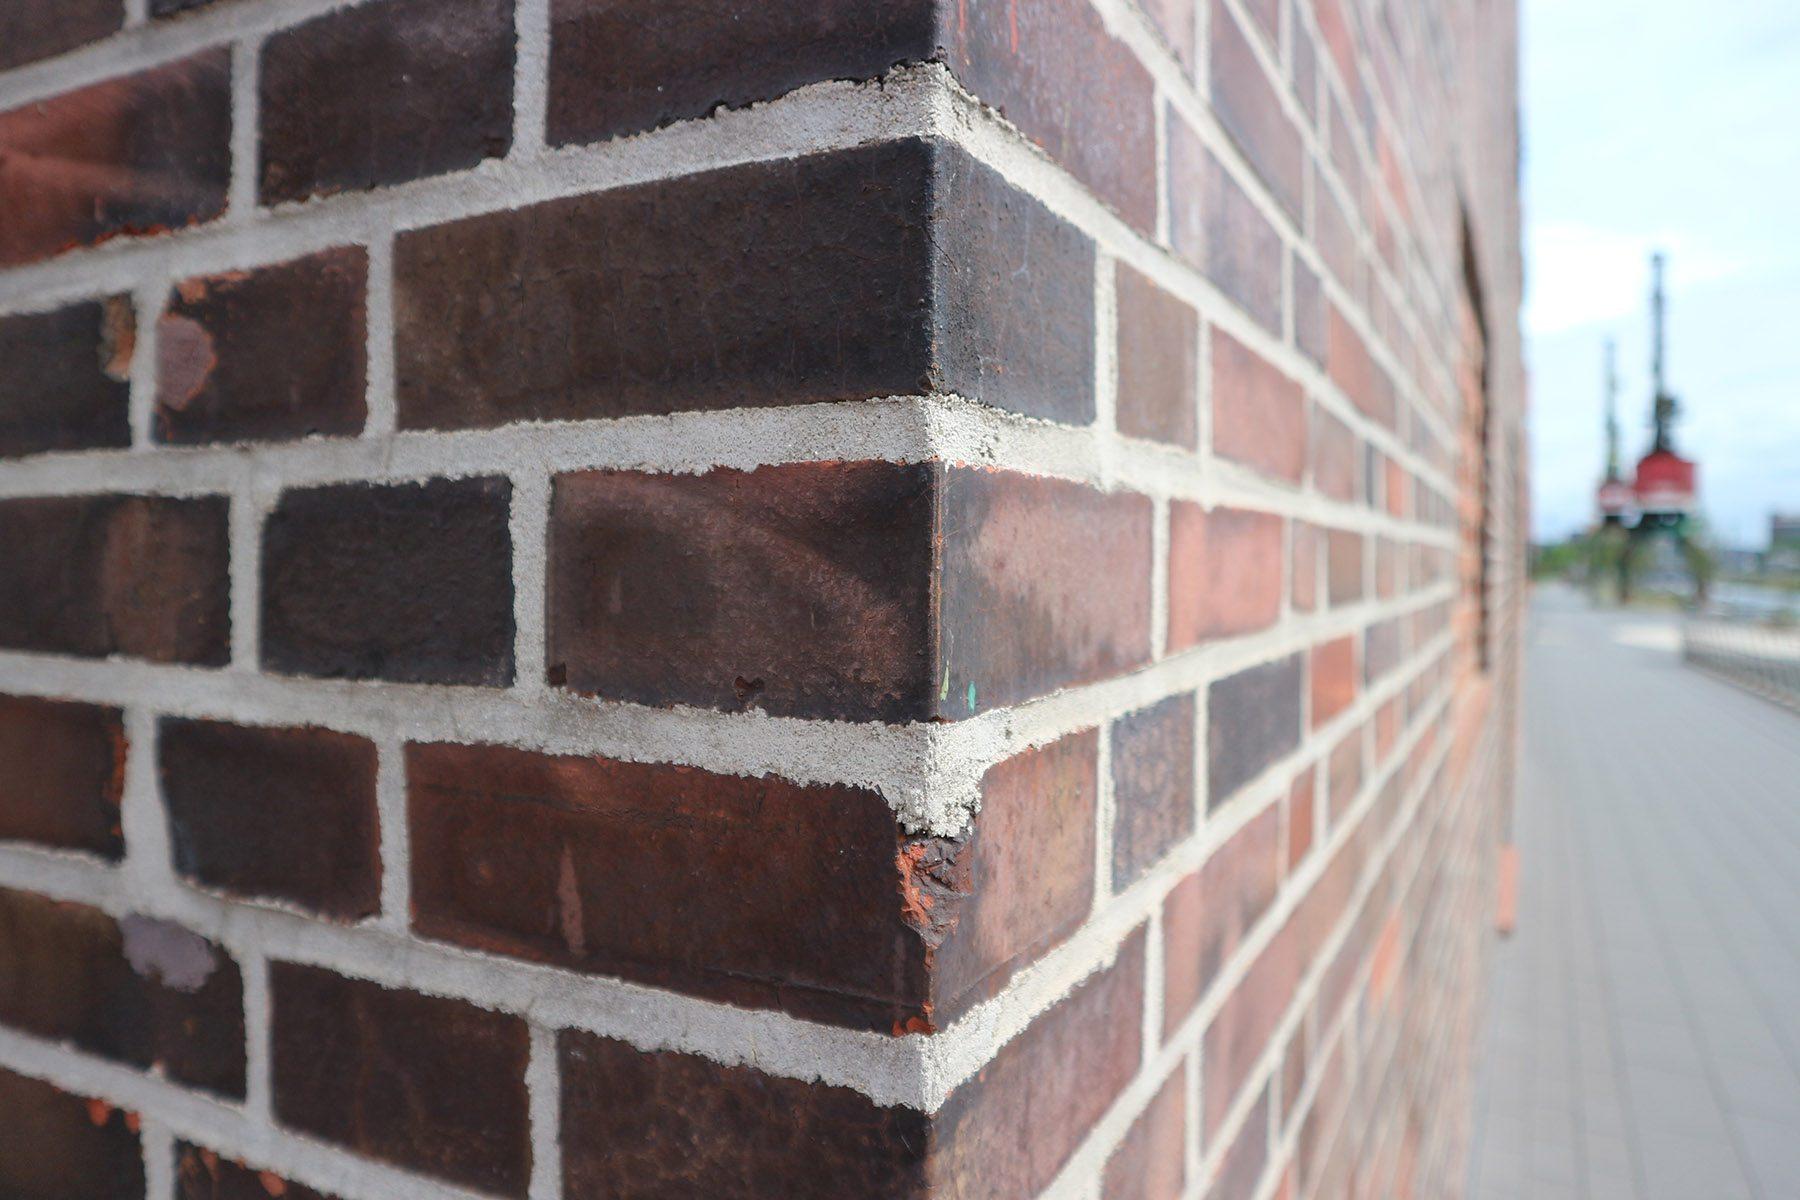 Landesarchiv NRW. ... der mit seiner dunkelroten Verputzung die Backsteinfassade des Speichers aufgreift. Farbigkeit und Textur des neuen Mauerwerks der Oberfläche der originalen, nicht verfärbten Ziegel.